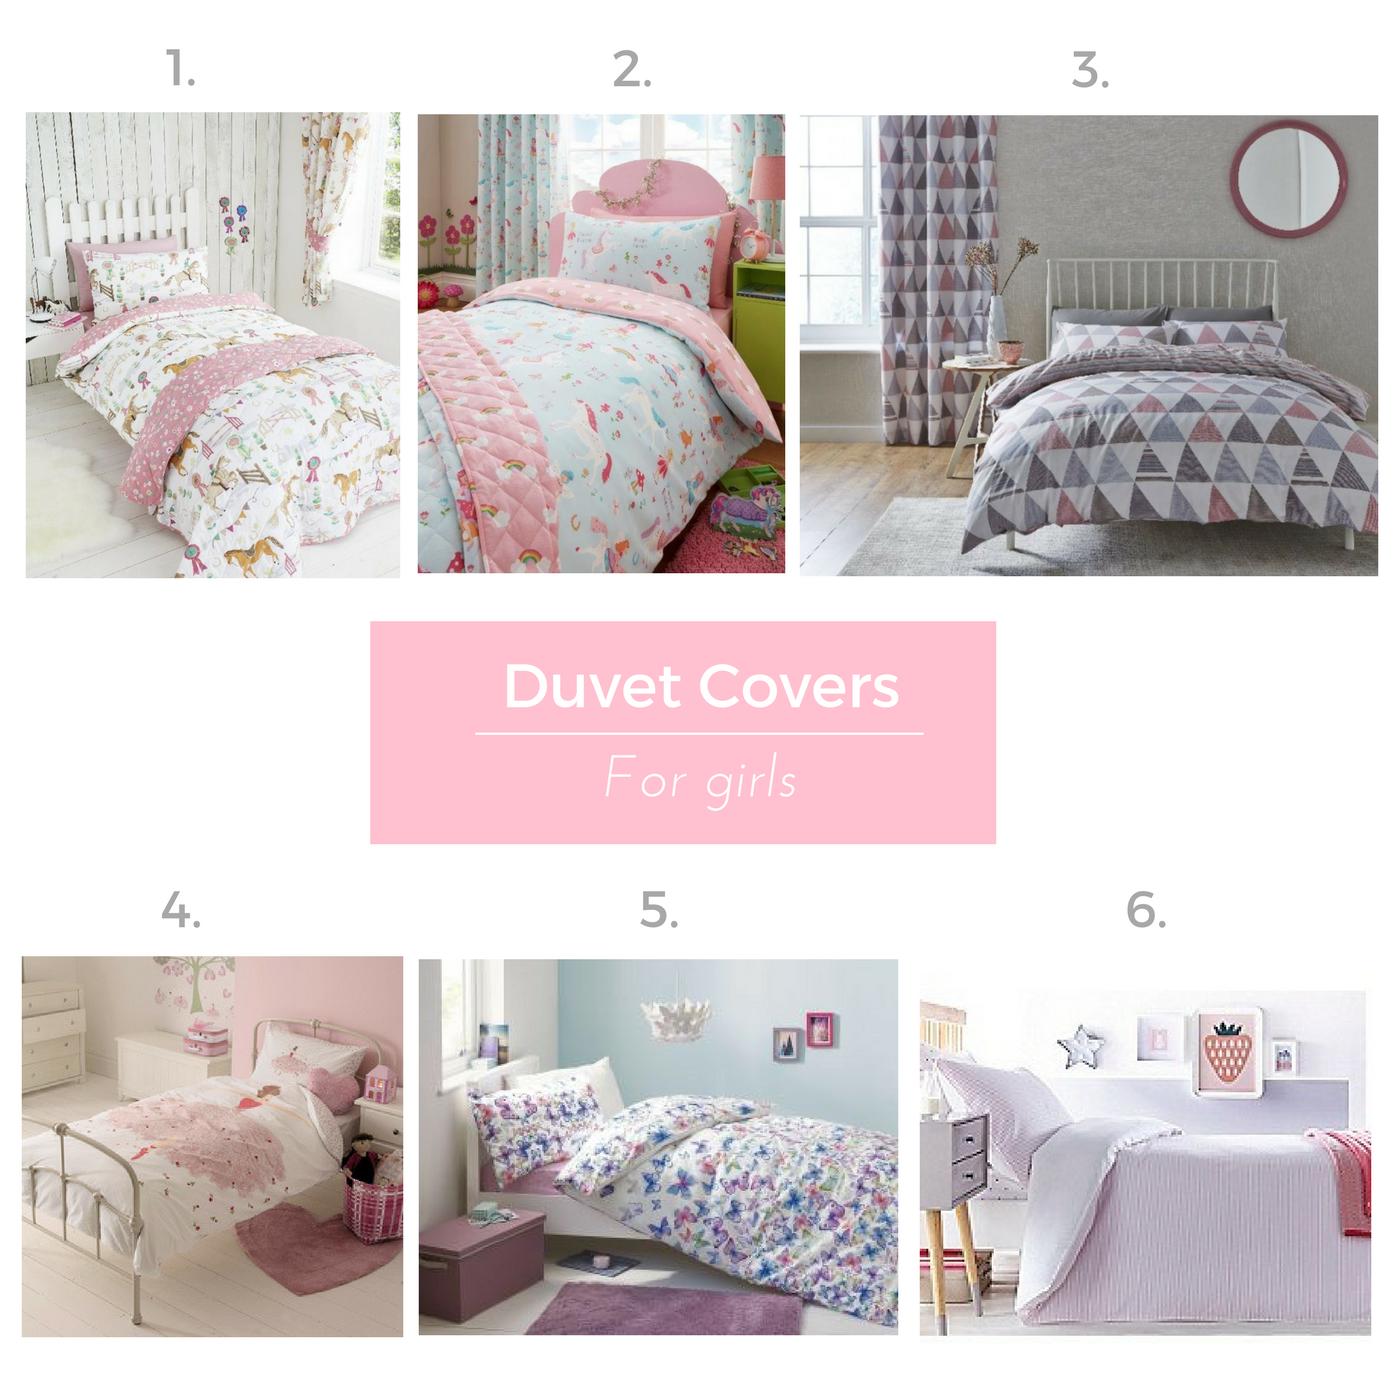 Duvet covers for girls